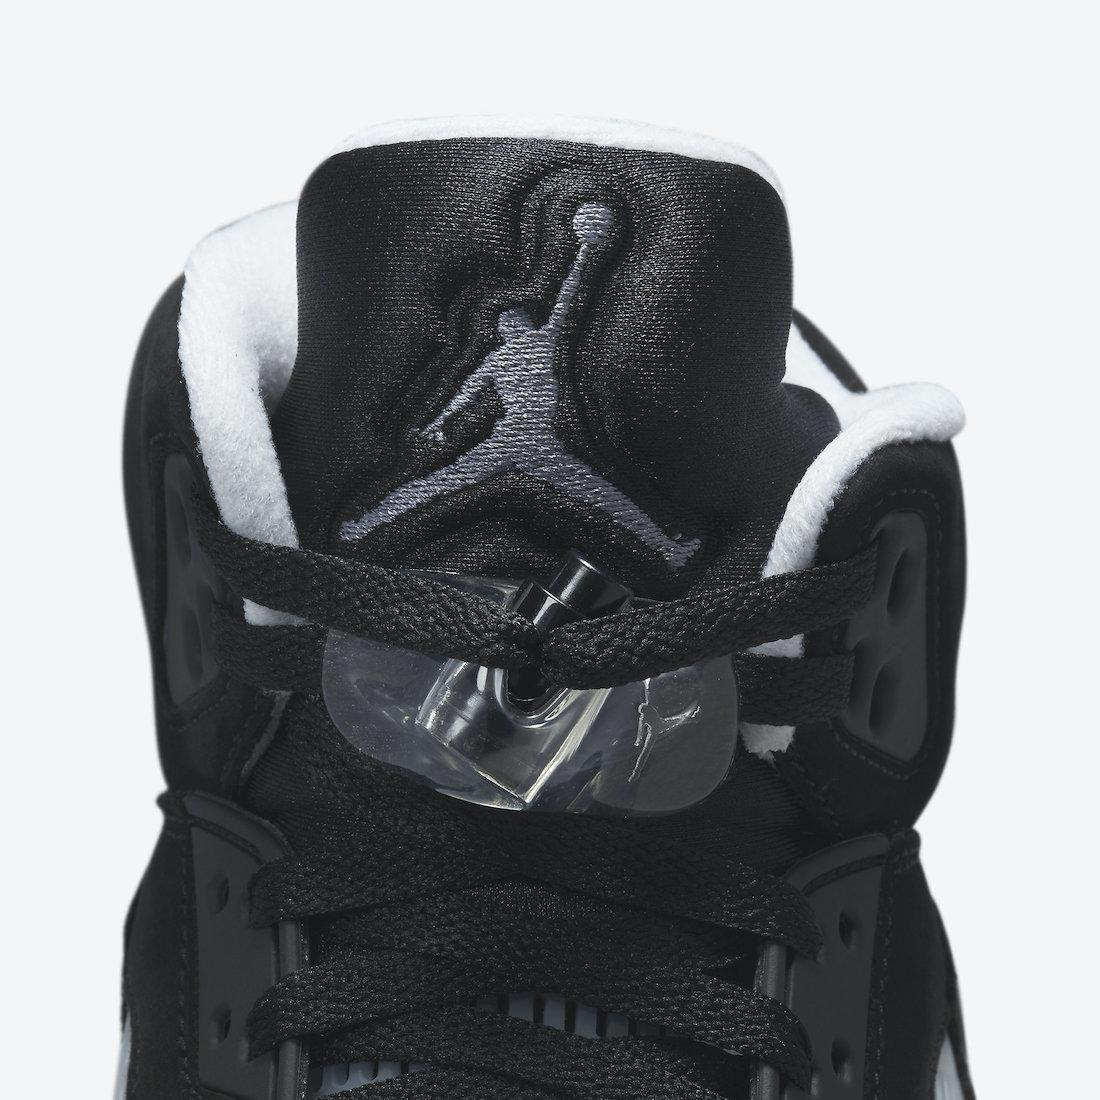 Air Jordan 5 Oreo CT4838-011